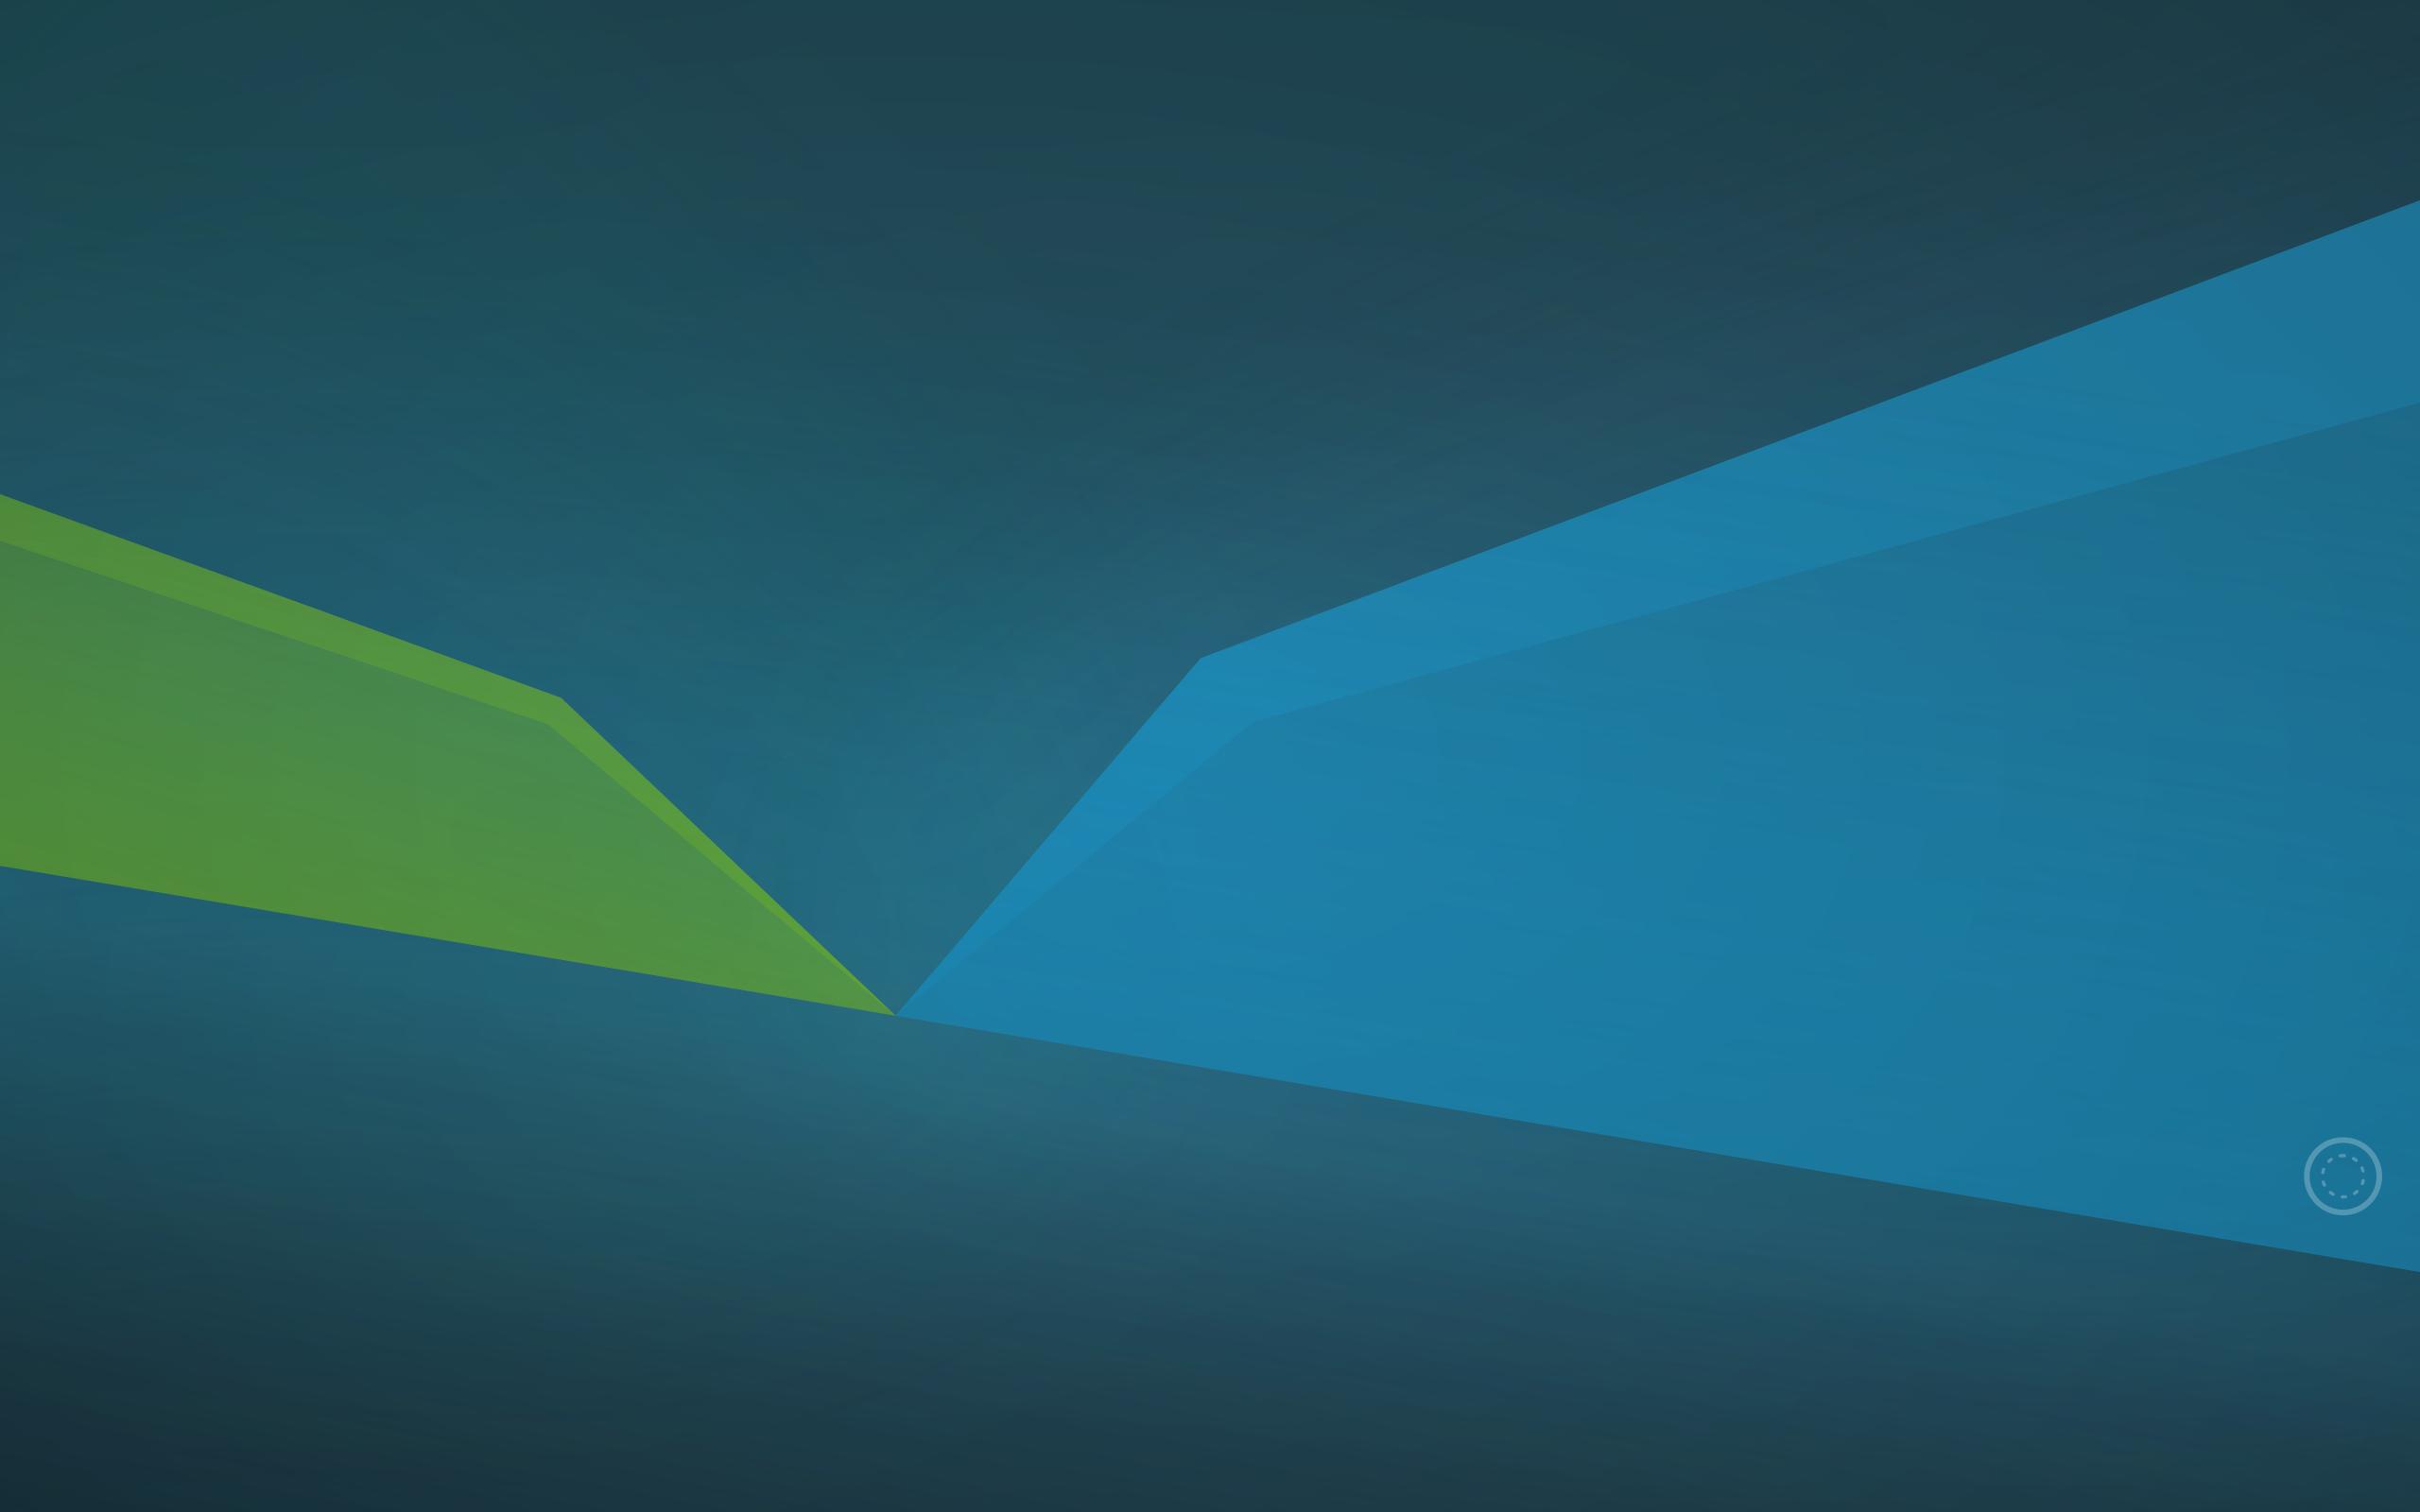 17 10 « Releases « Xubuntu